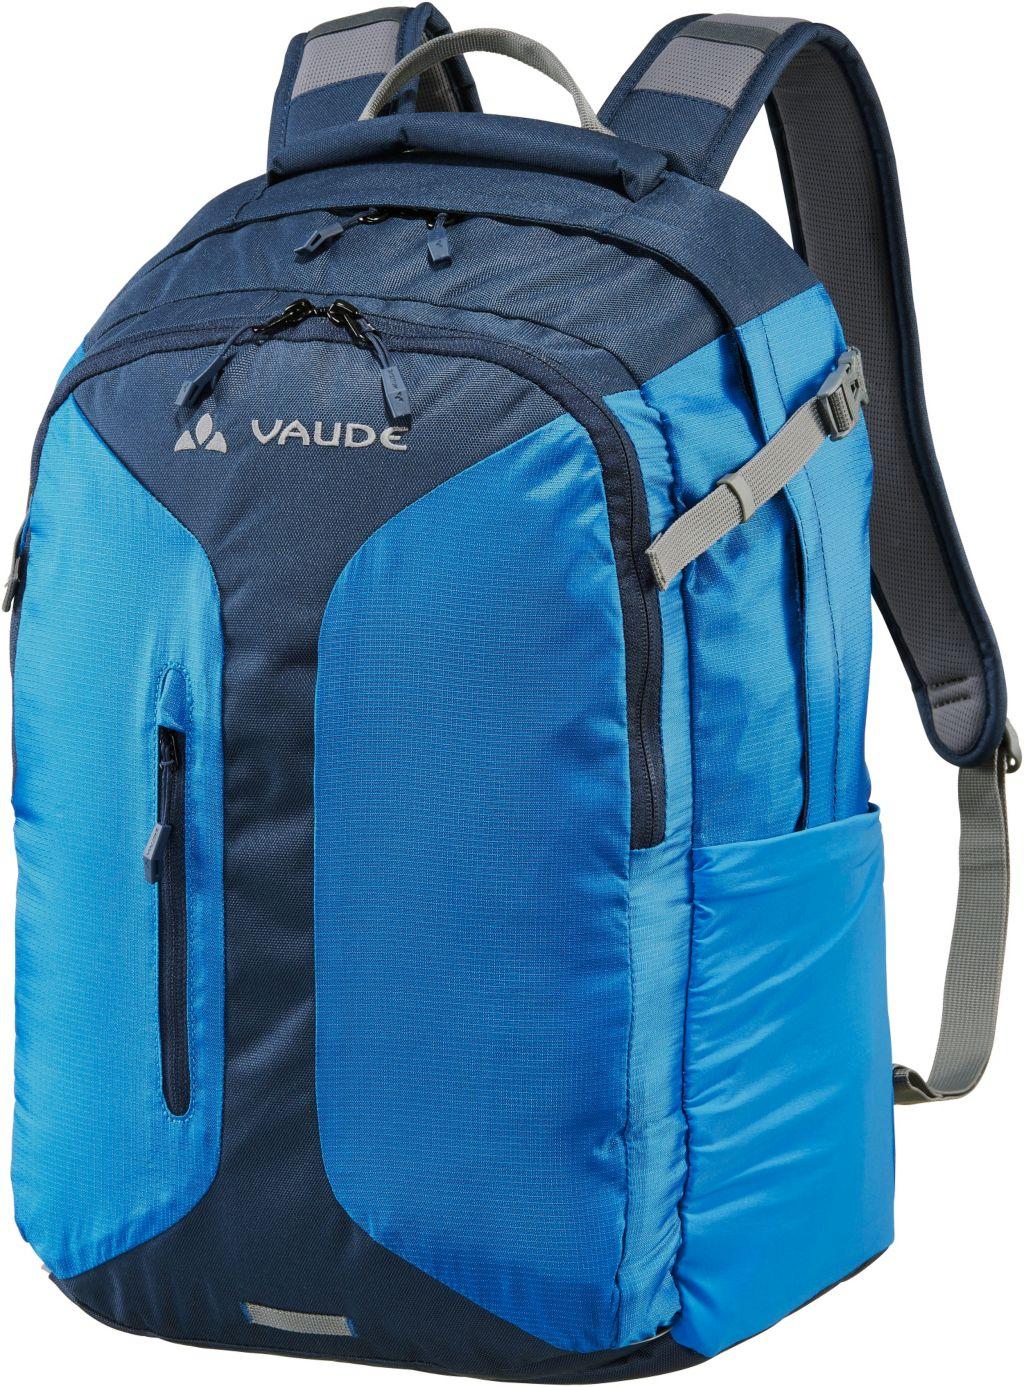 Tecoday II 25 Daypack in blau